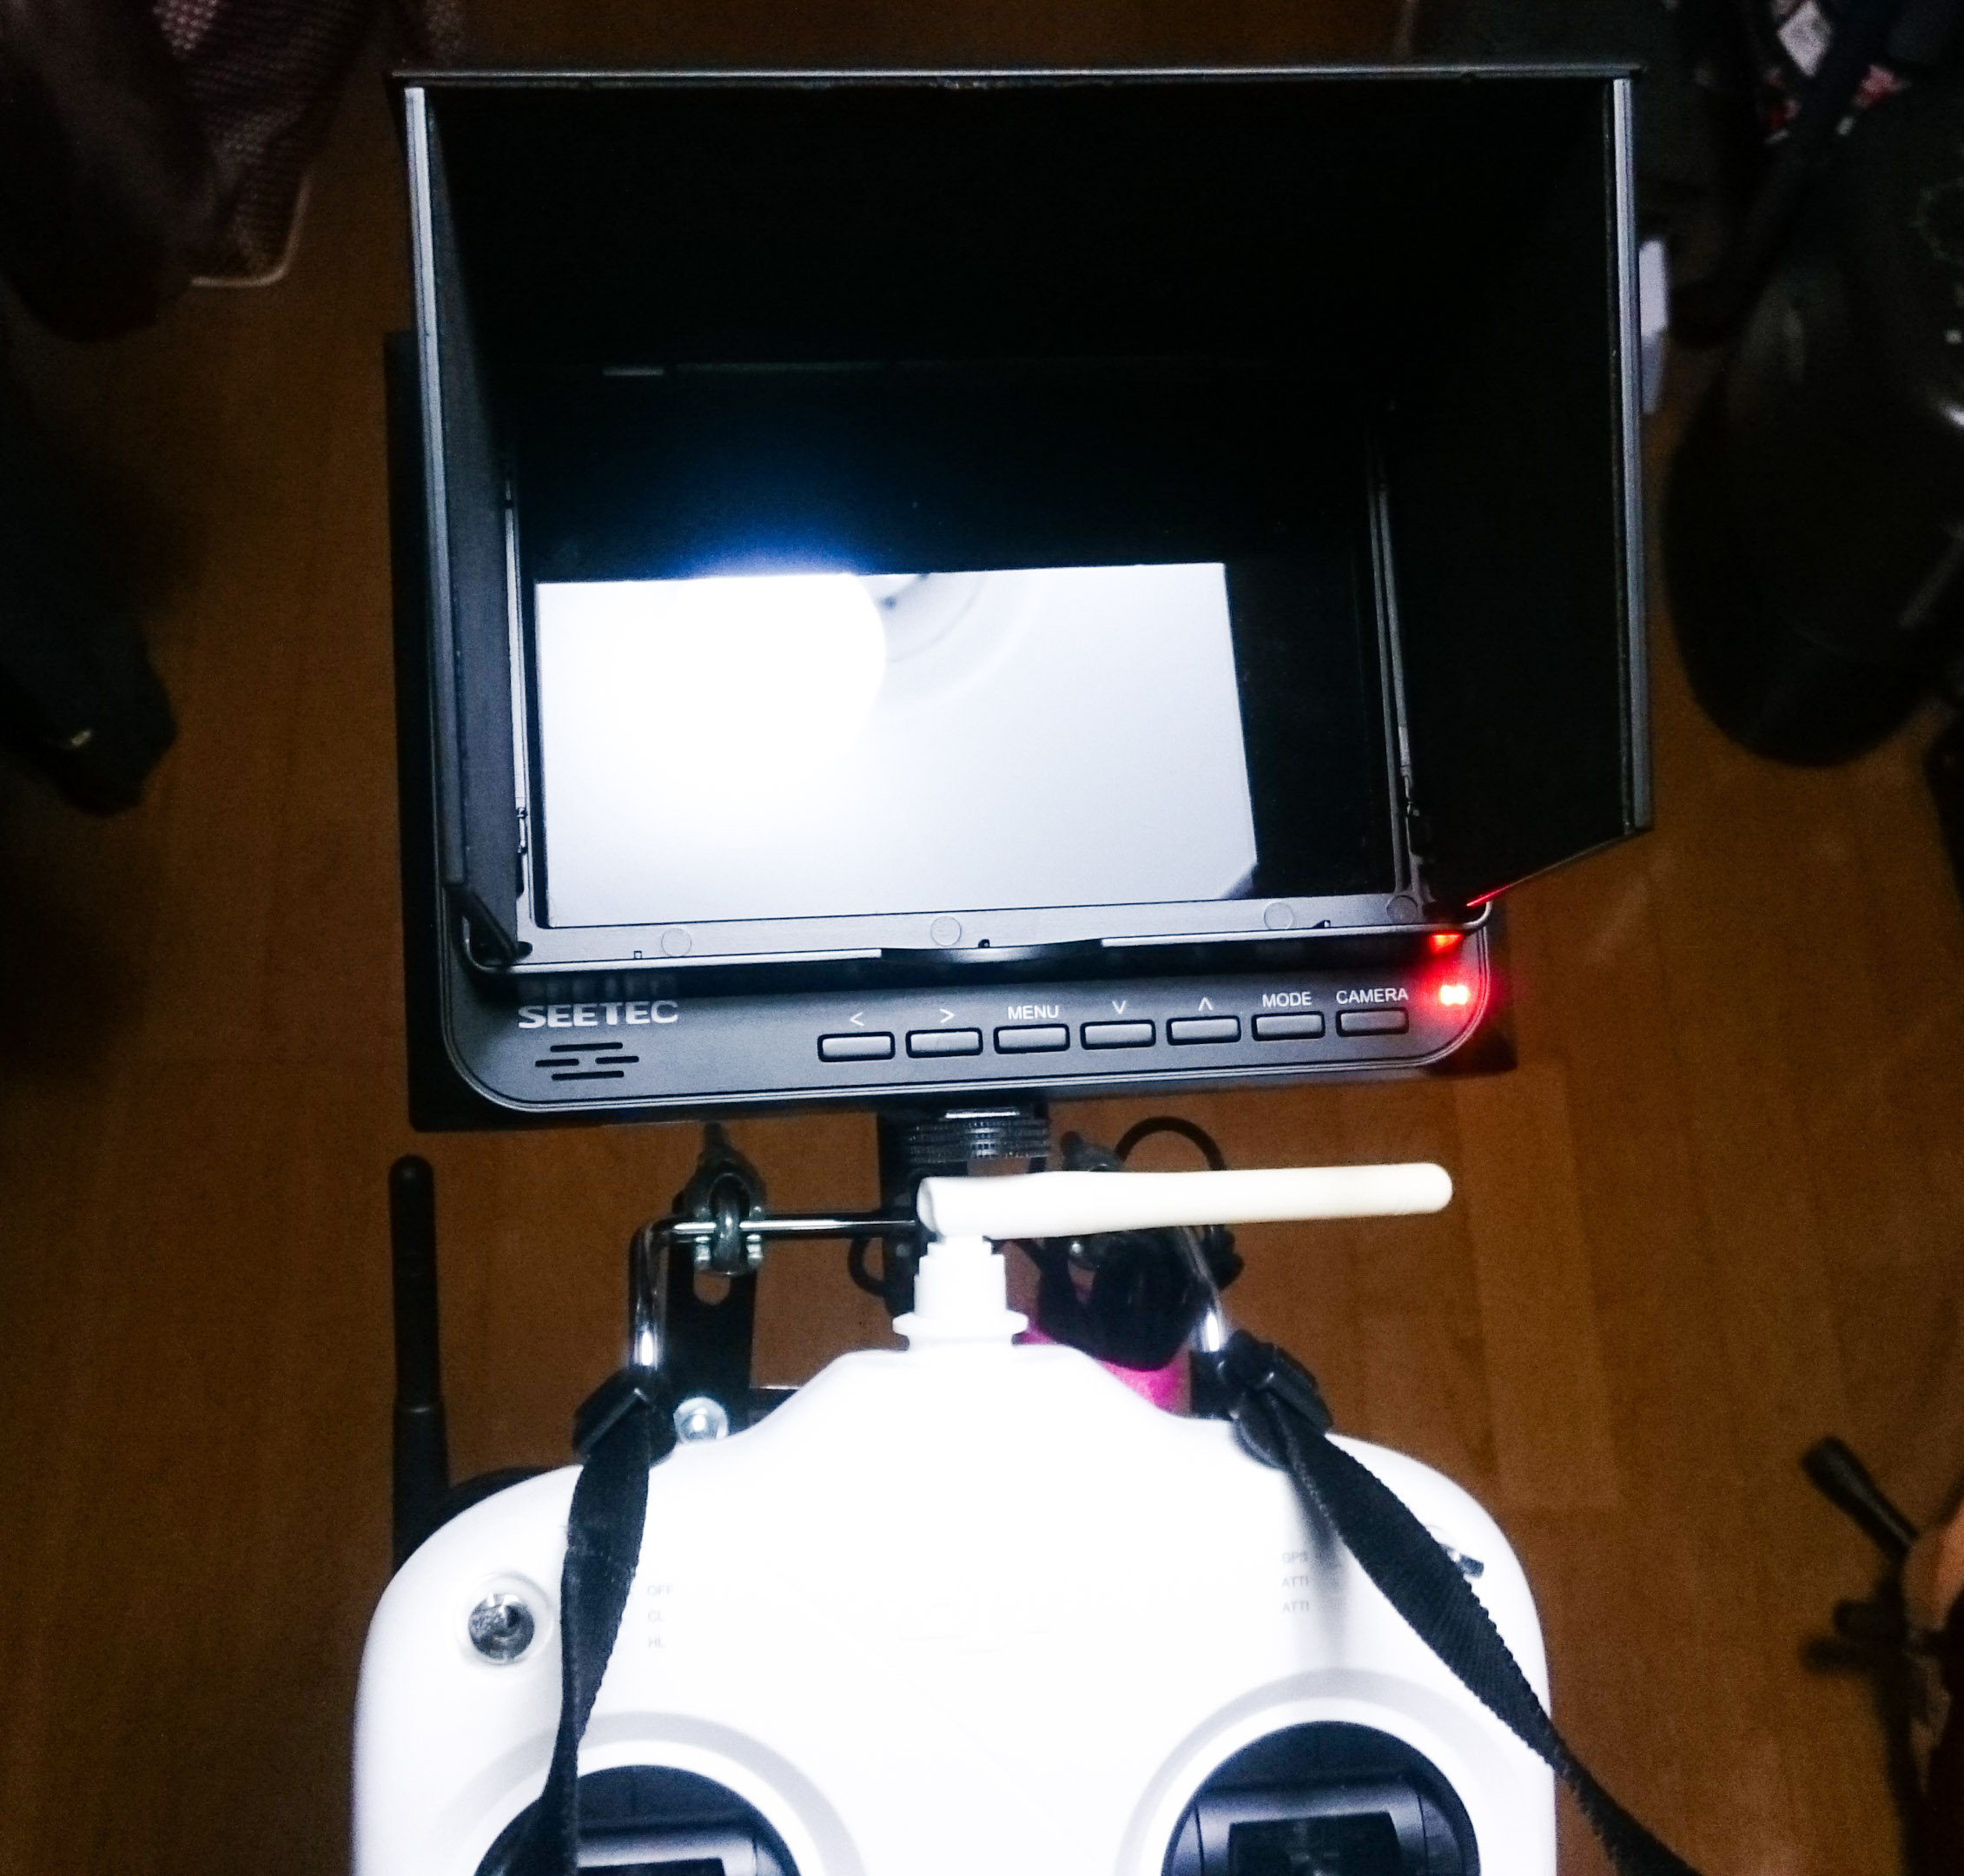 Phantom2のプロポに取り付けたFPVモニター。一瞬でもモニターを見るので「目視外飛行」になるらしい。